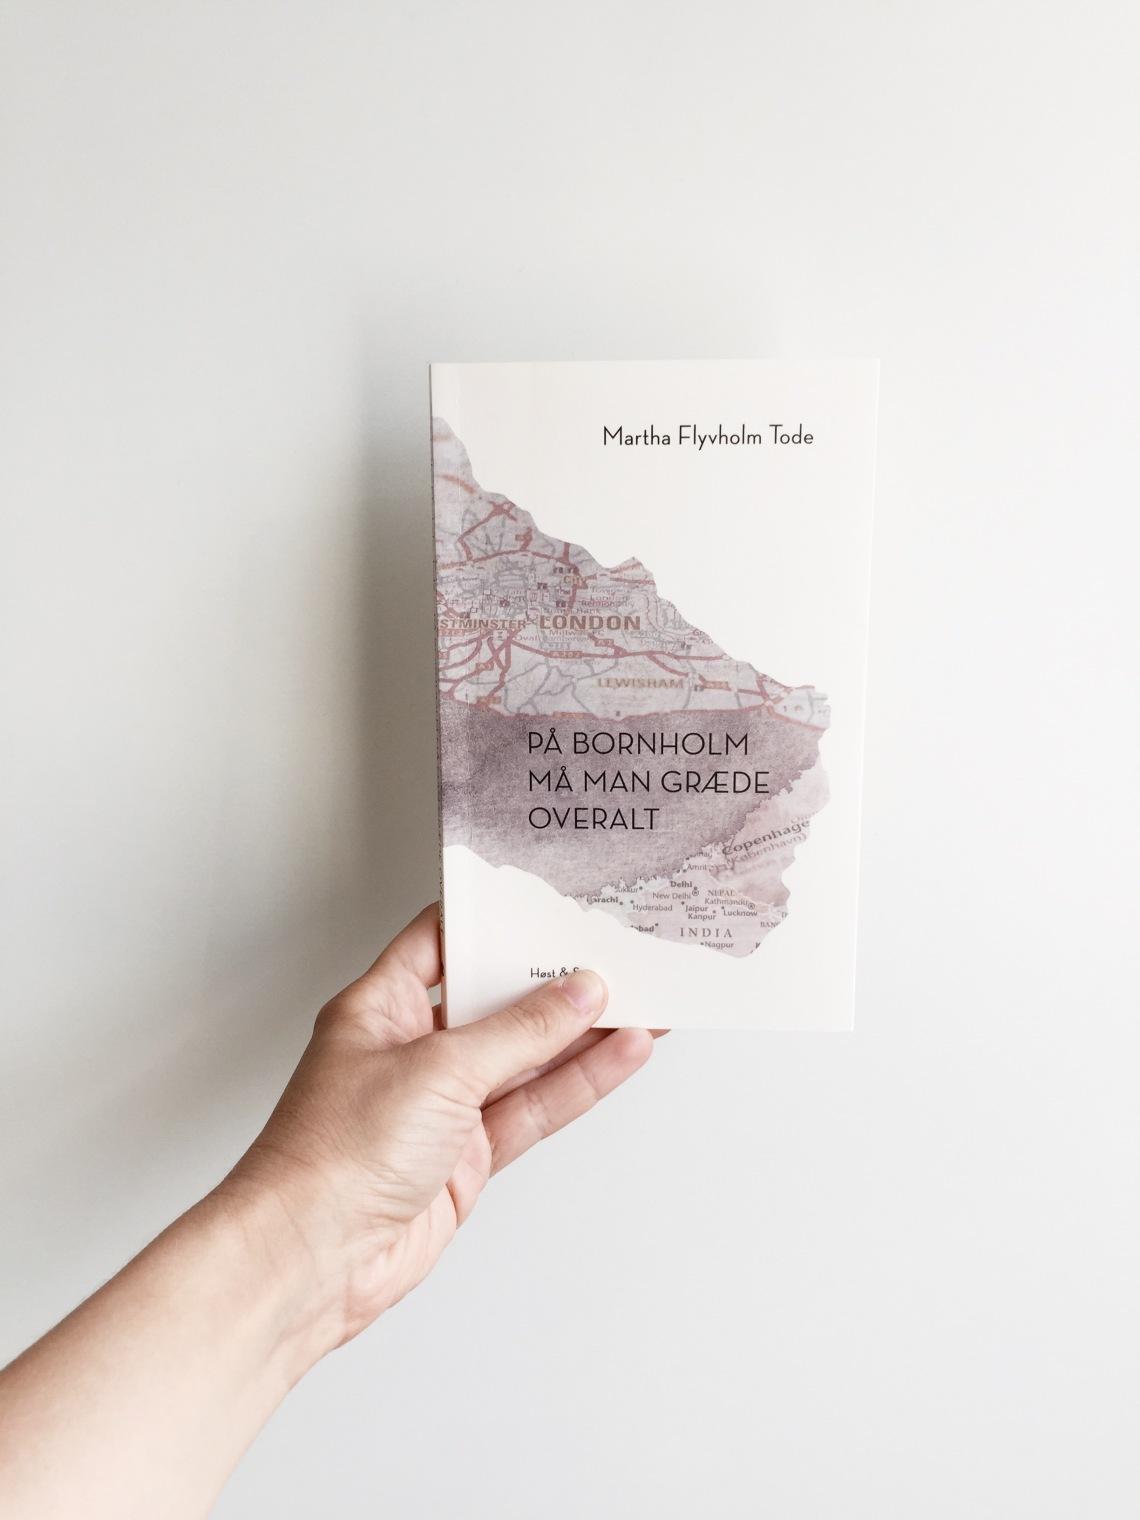 Et billede af bogen PÅ BORNHOLM PÅ MAN GRÆDE OVERALT, der er skrevet af Martha Flyvhom Tode og udgivet på forlaget Høst & Søn